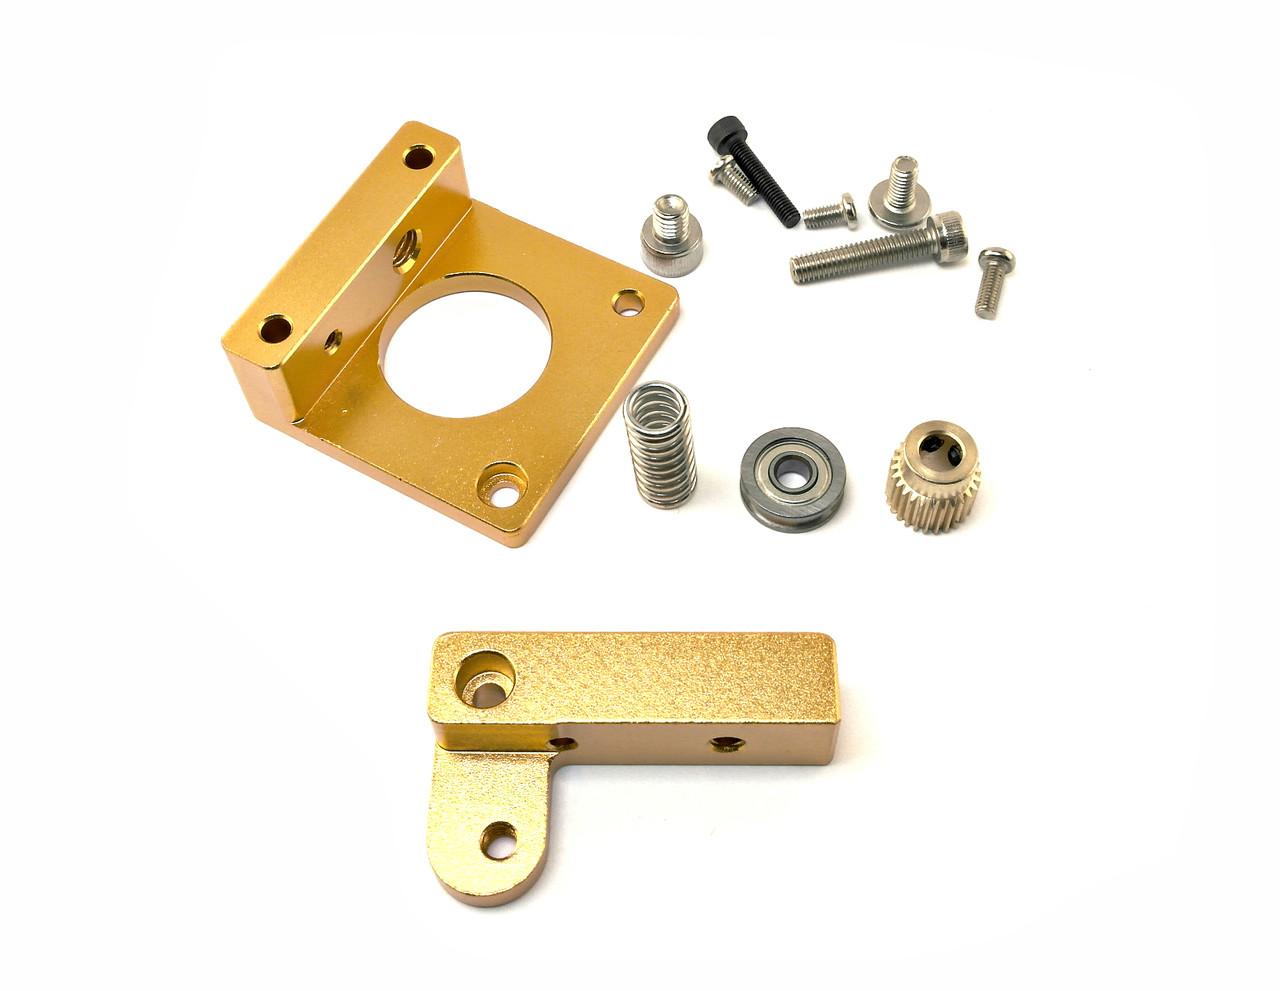 Стандартный механизм подачи экструдера MK8 (правый/короткий)